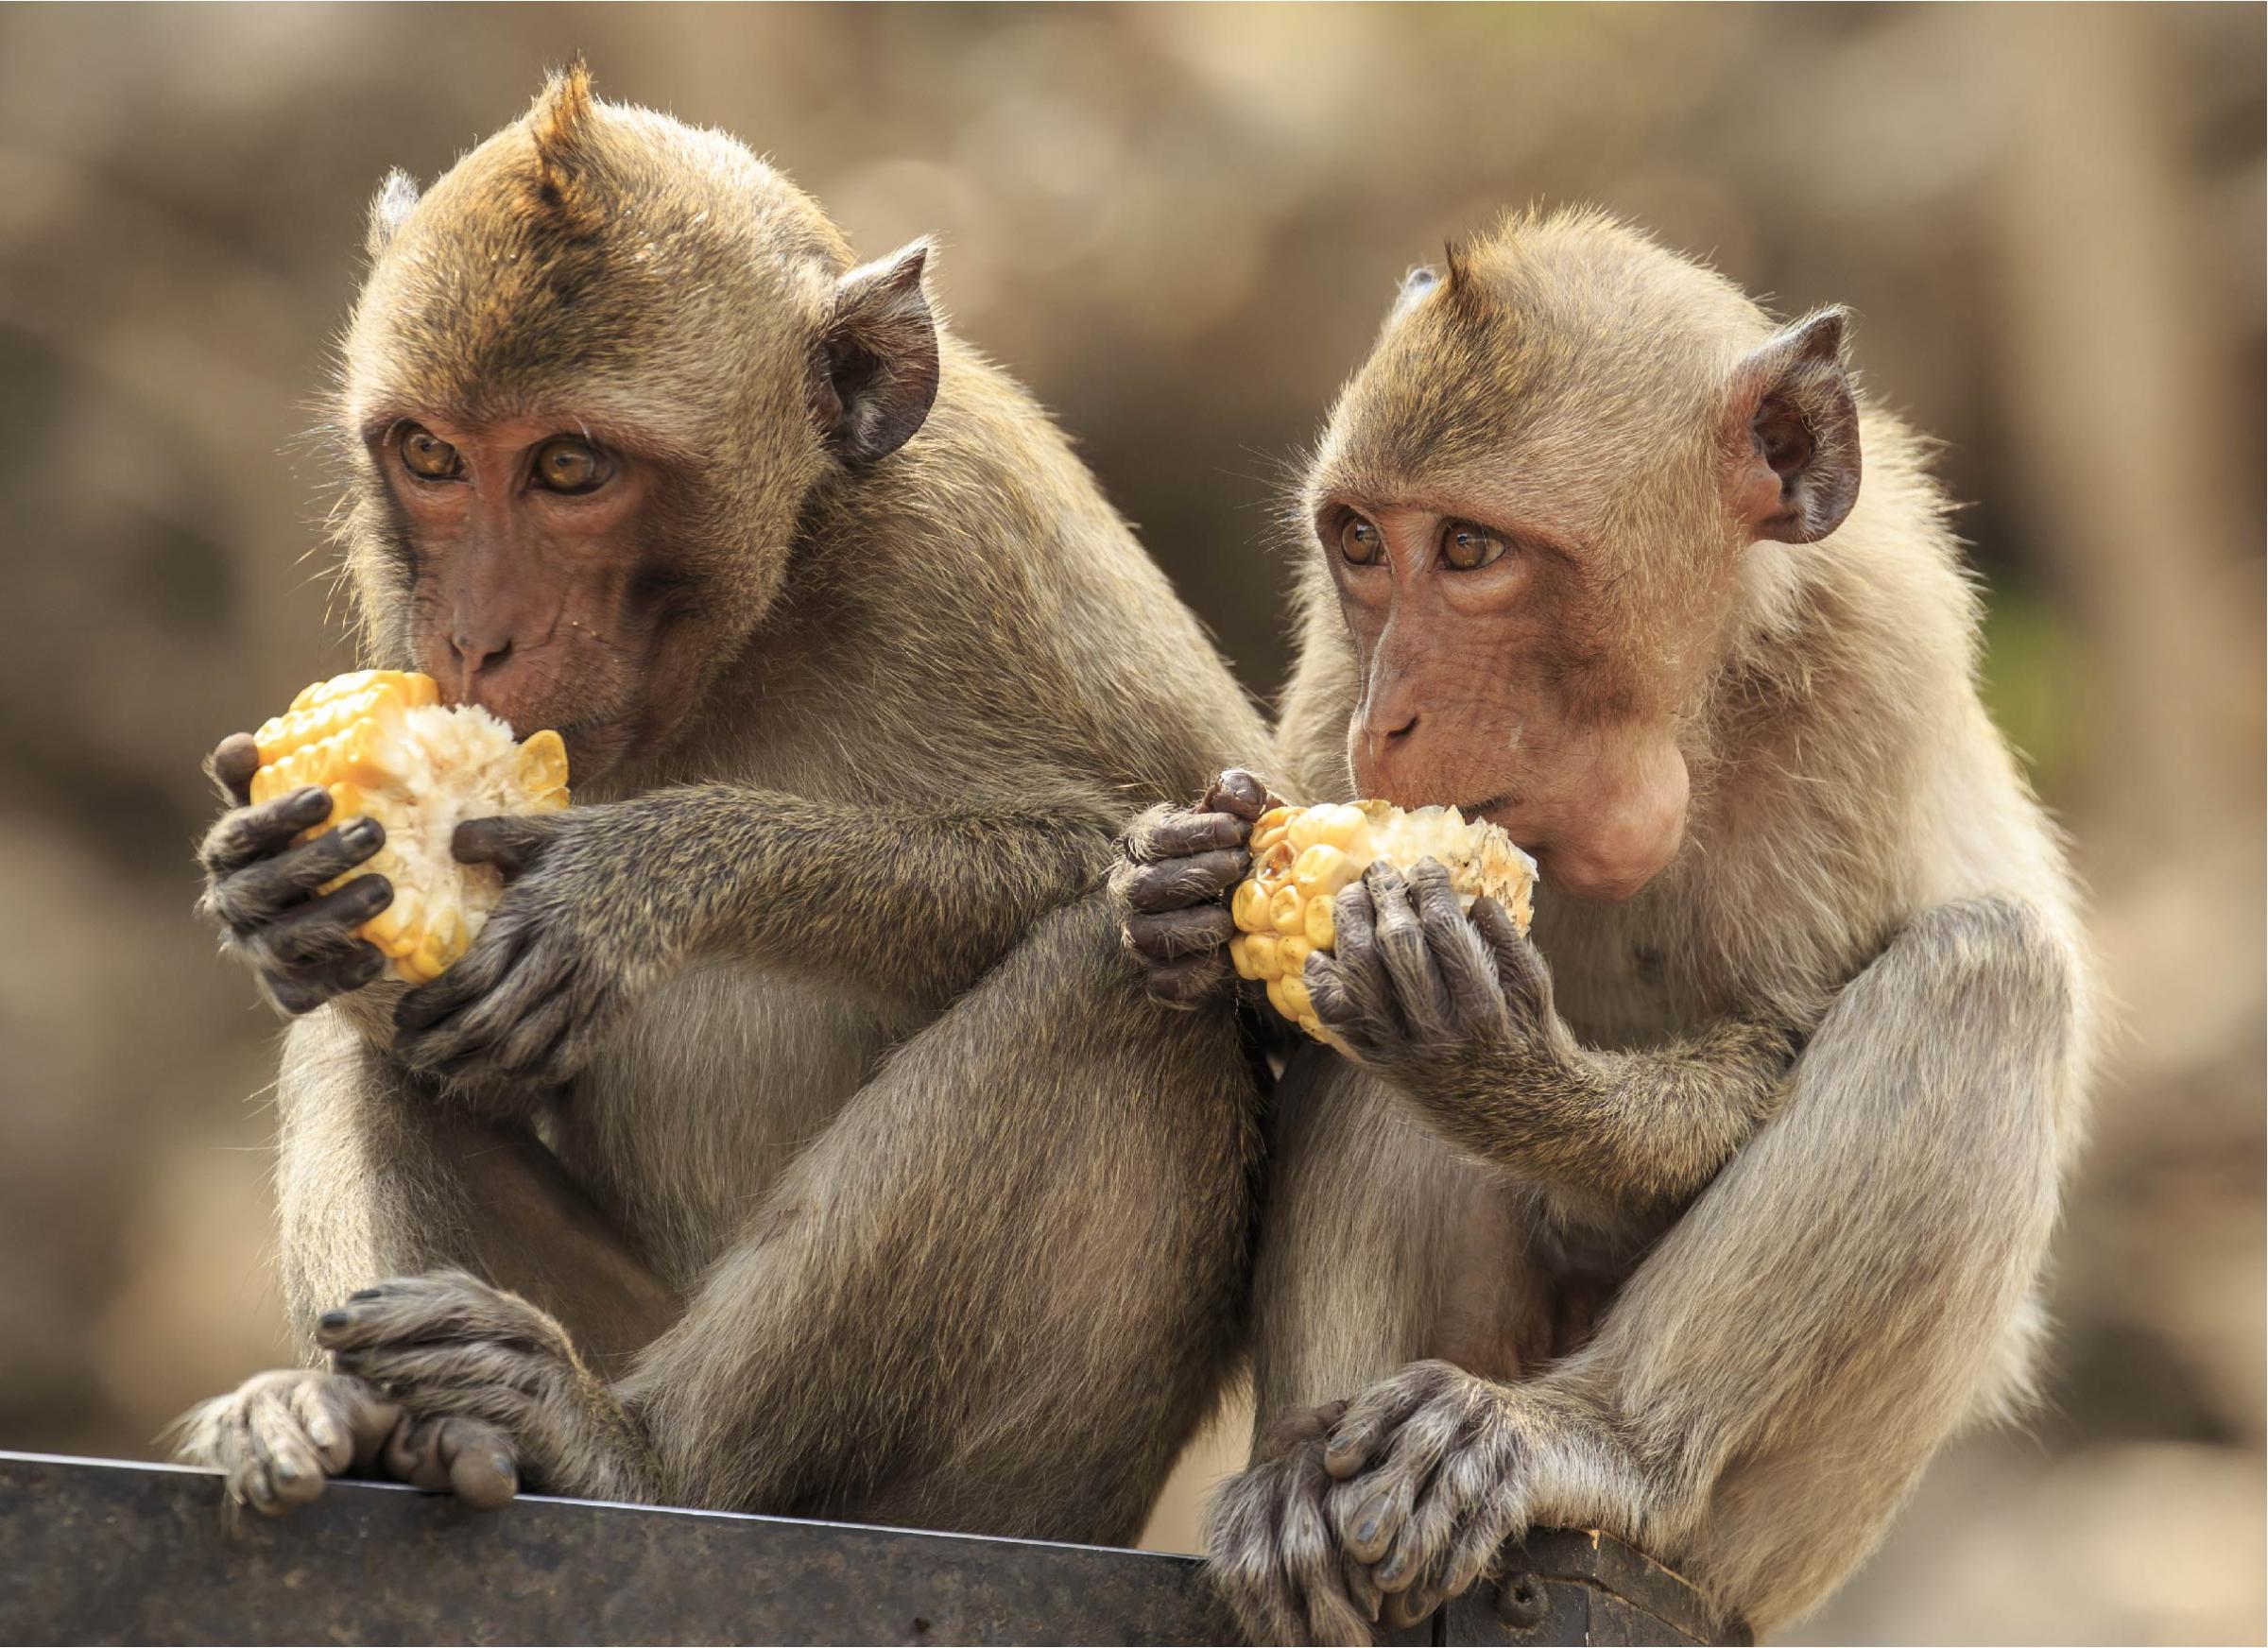 קופי מקוק ארוכי זנב אוכלים זה לצד זה | Shutterstock, rujithai